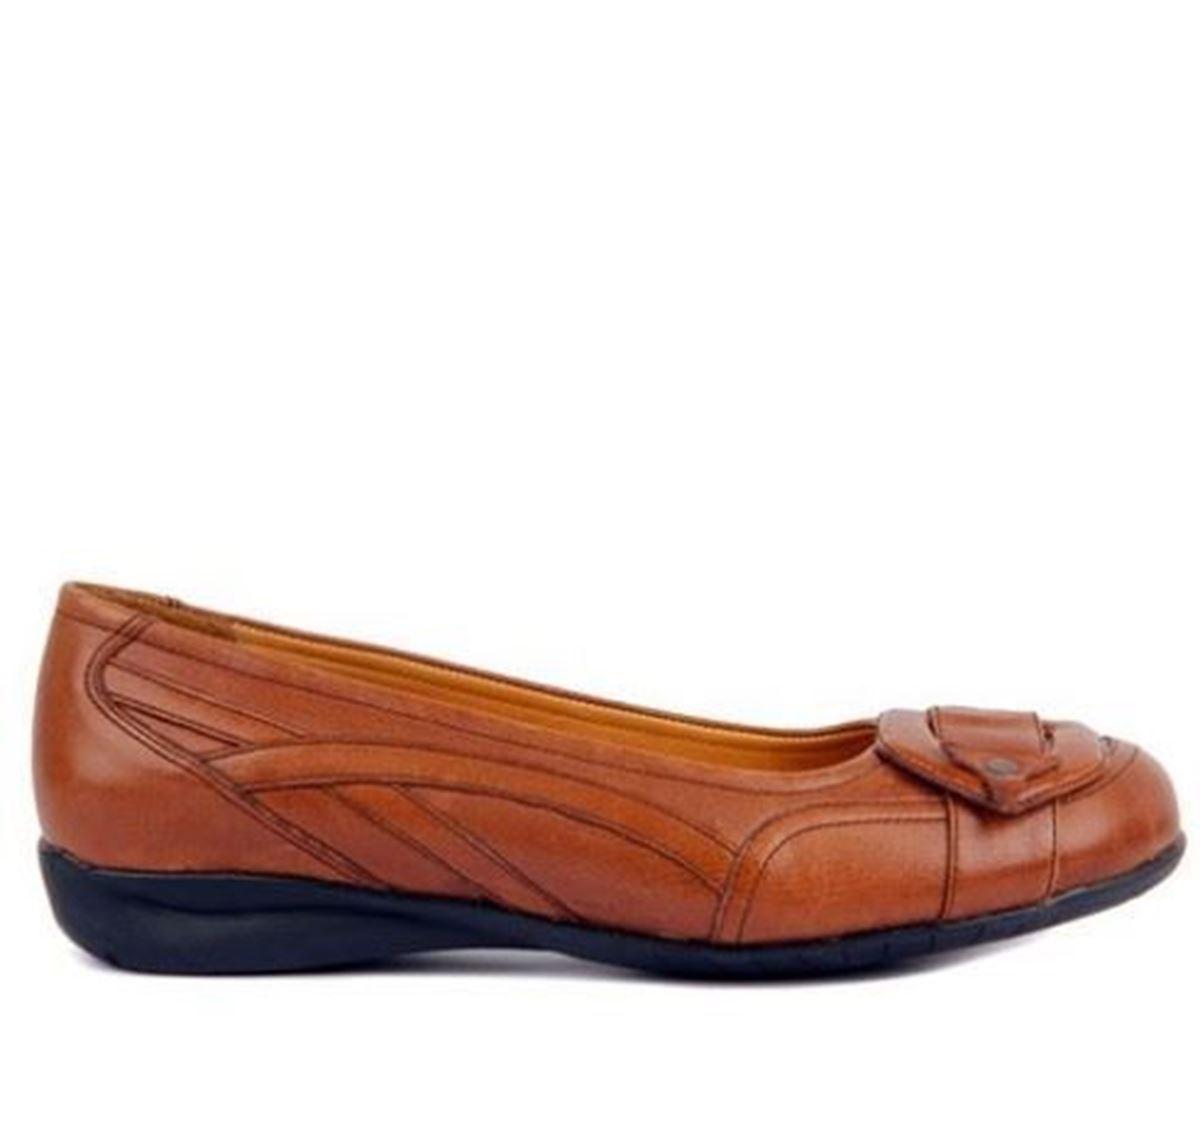 King Paolo - Taba Rengi Comfort Kadın Günlük Ayakkabı resmi